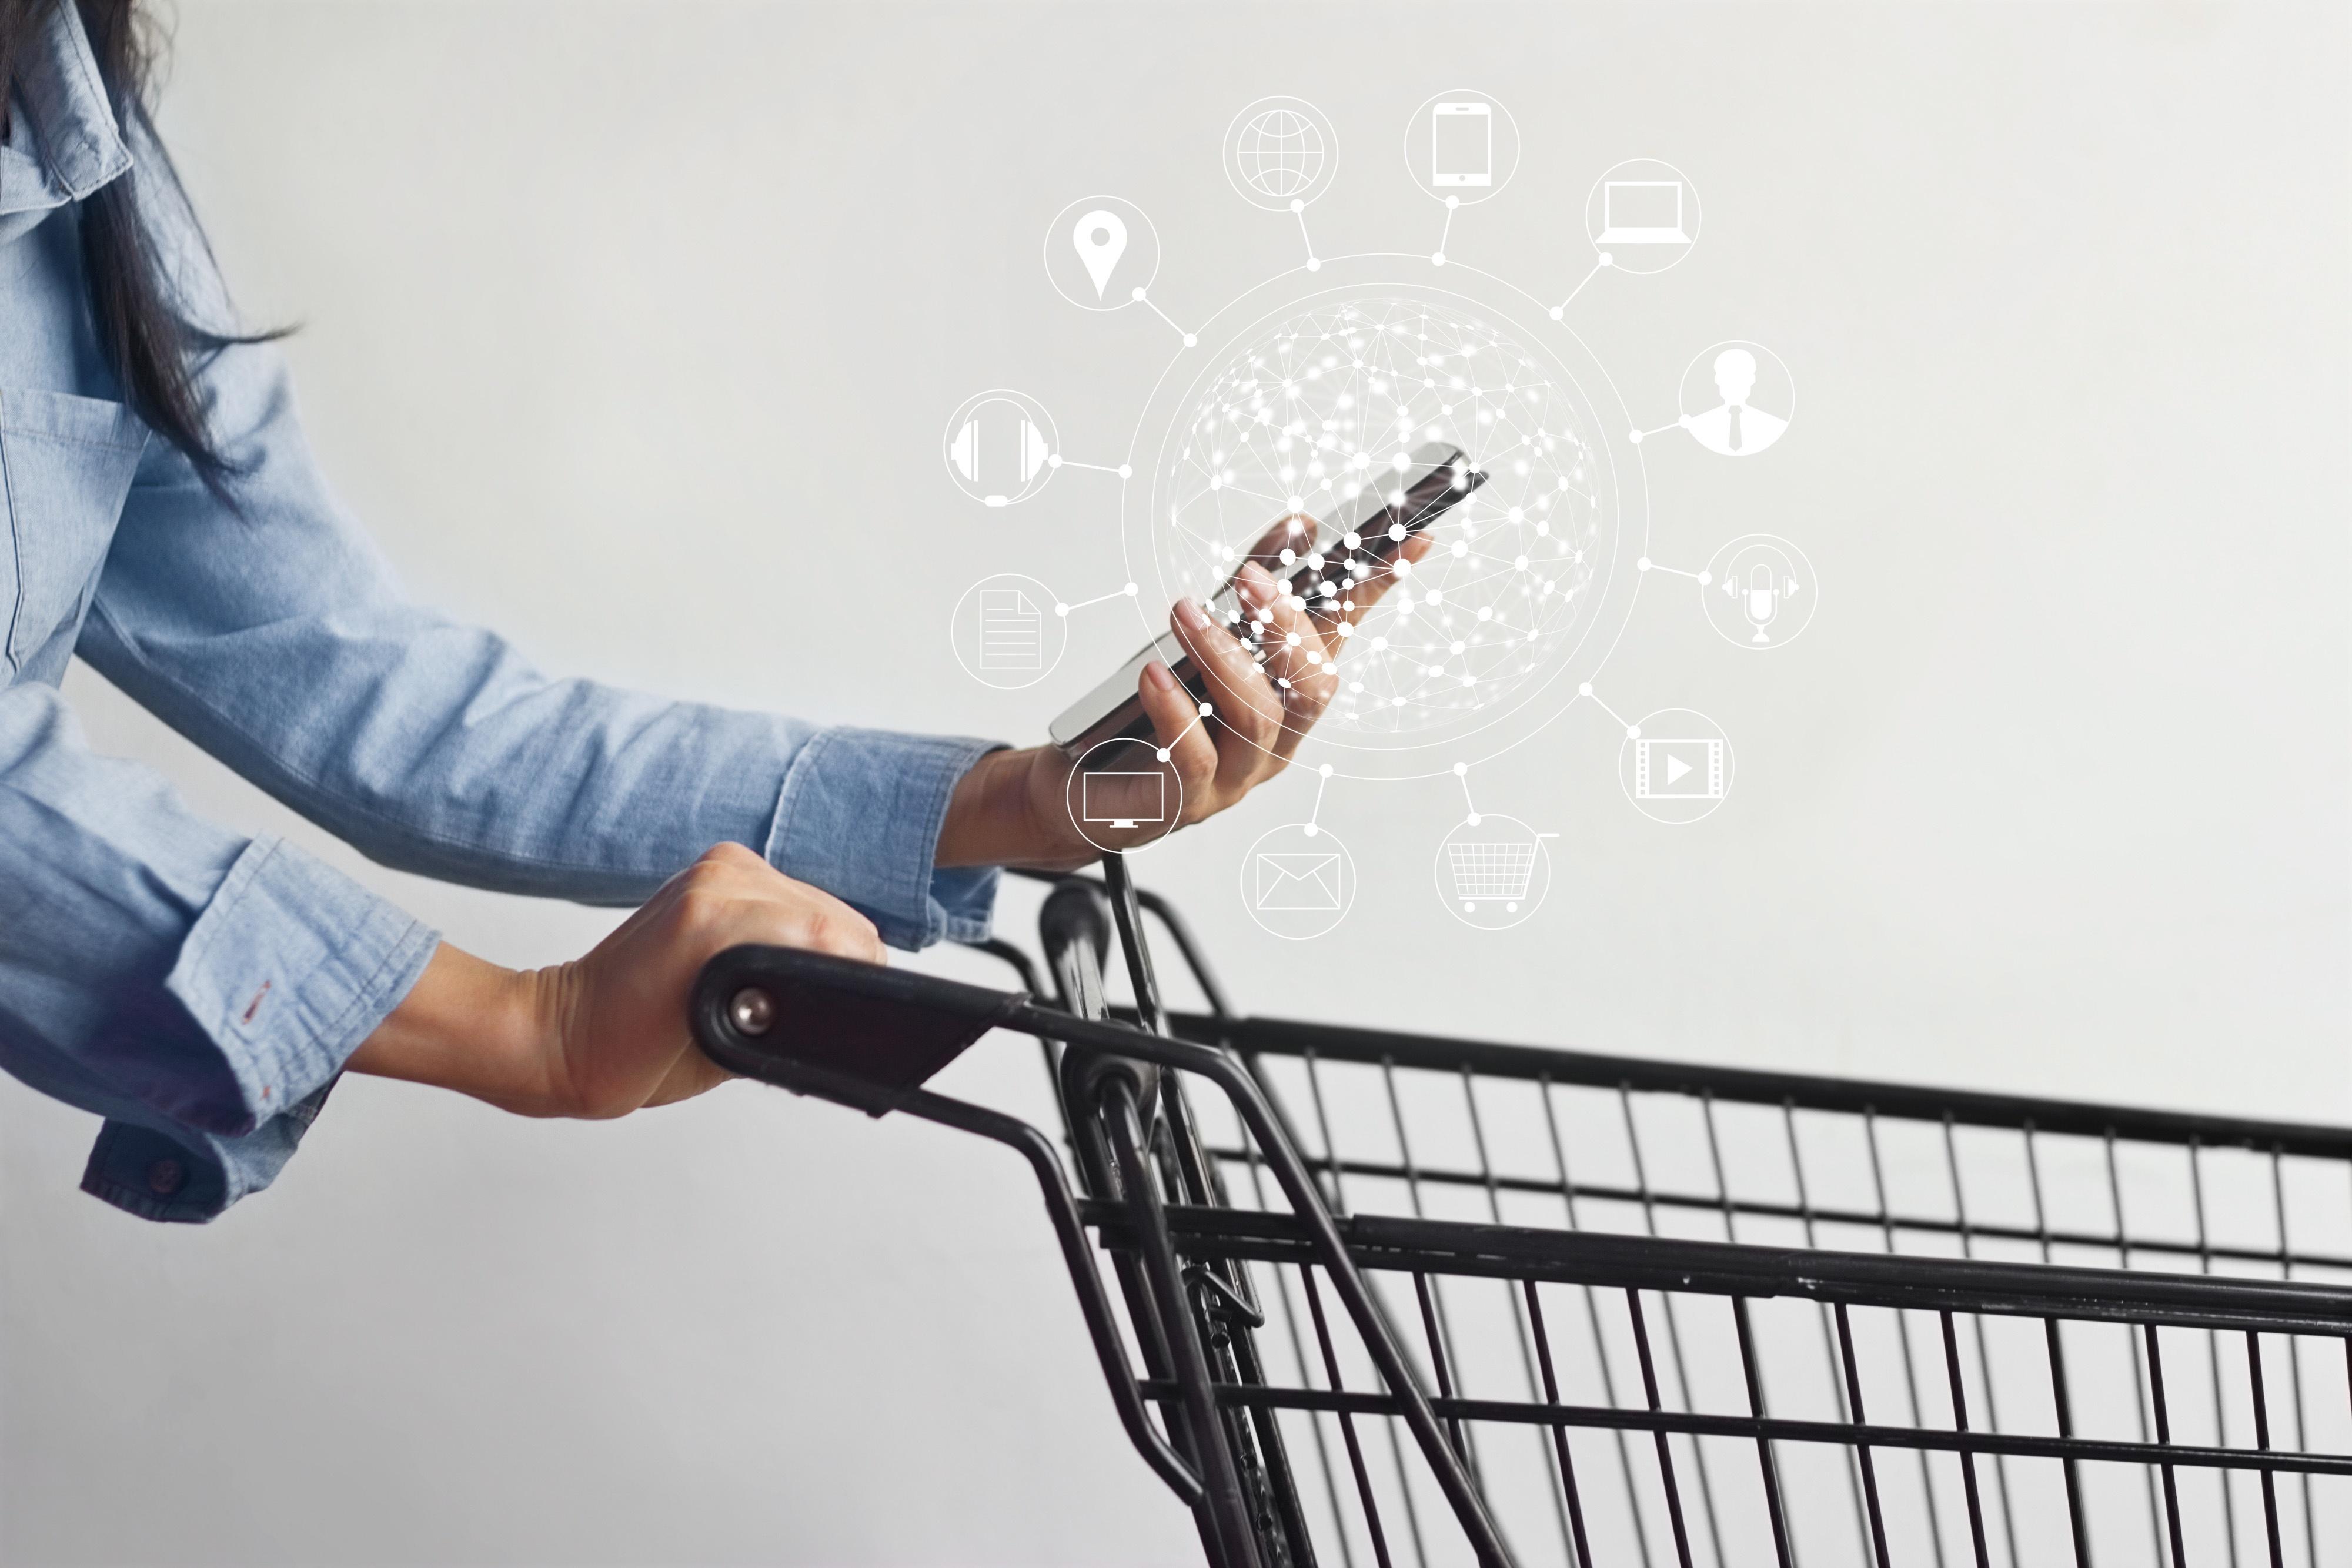 Varför fullföljer inte fler kunder sina köp vid e-handel?